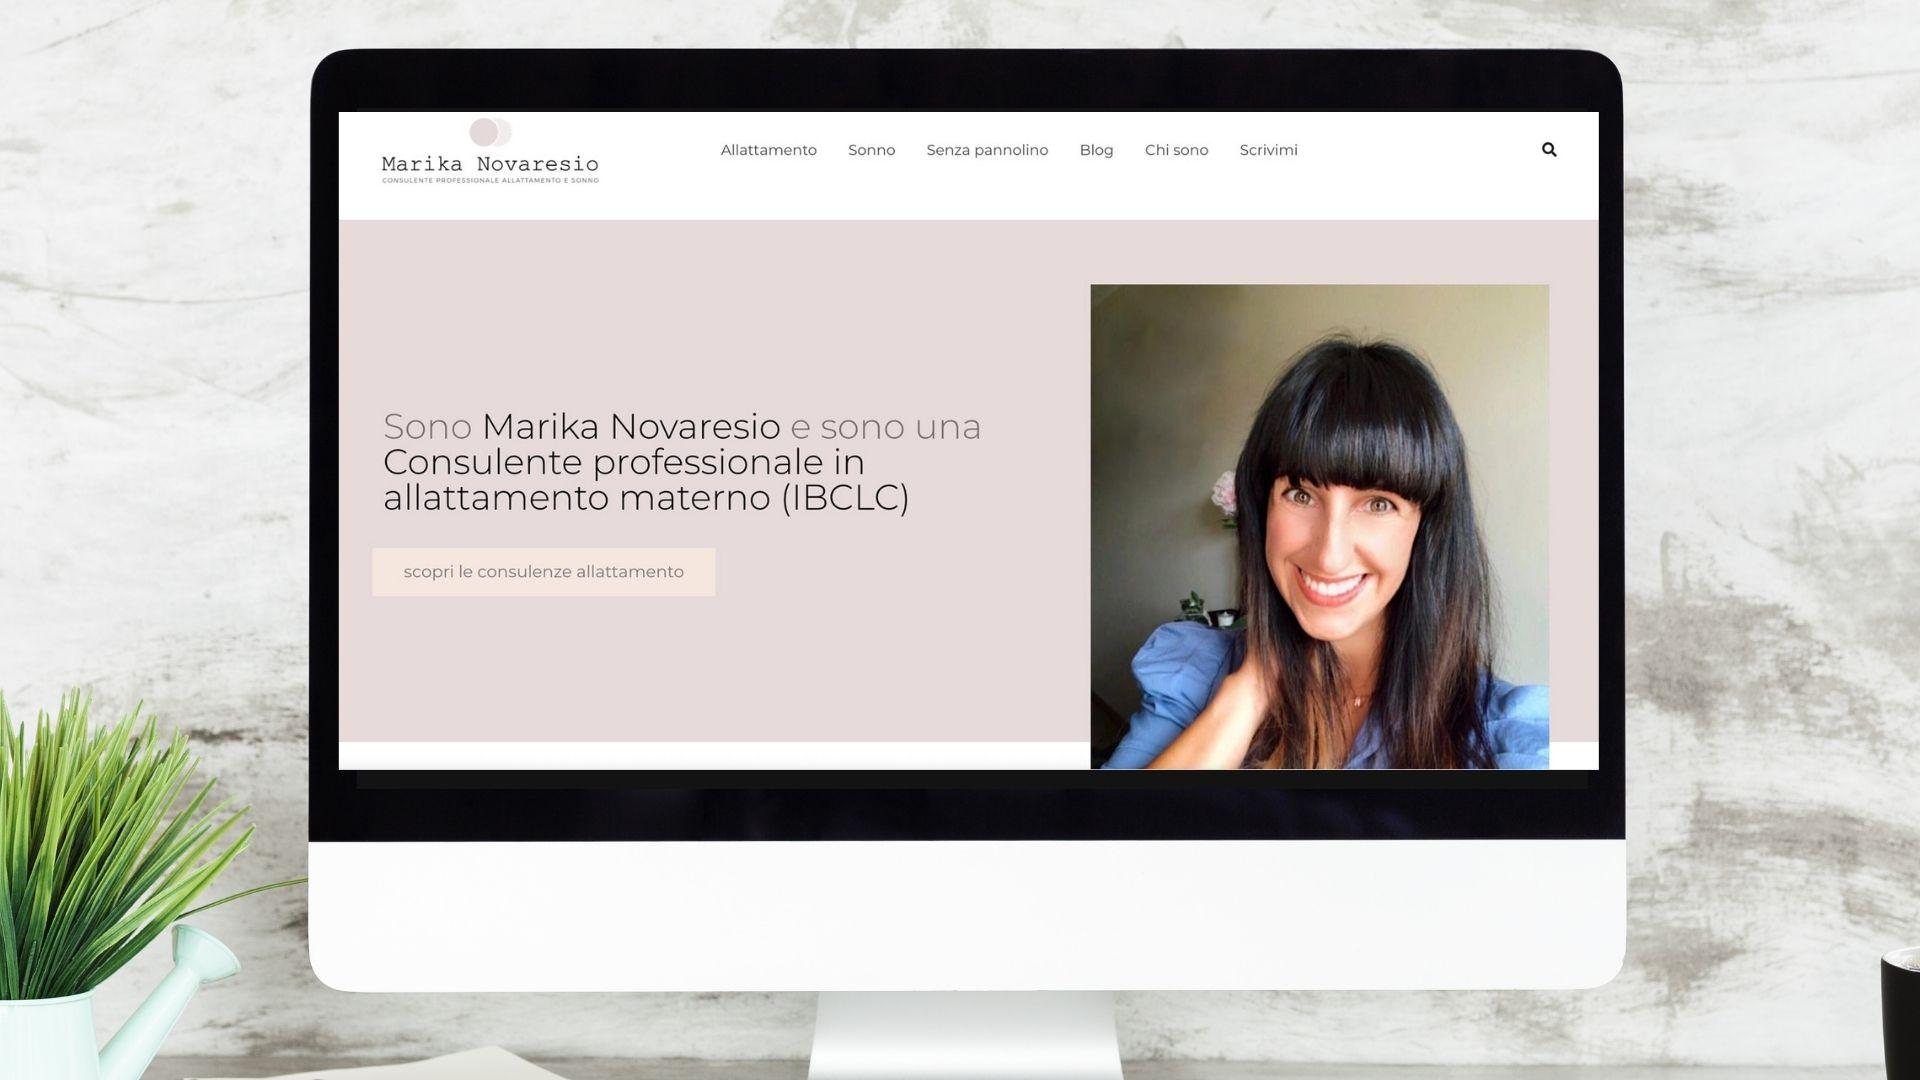 immagine di presentazione del portfolio di marika novaresio